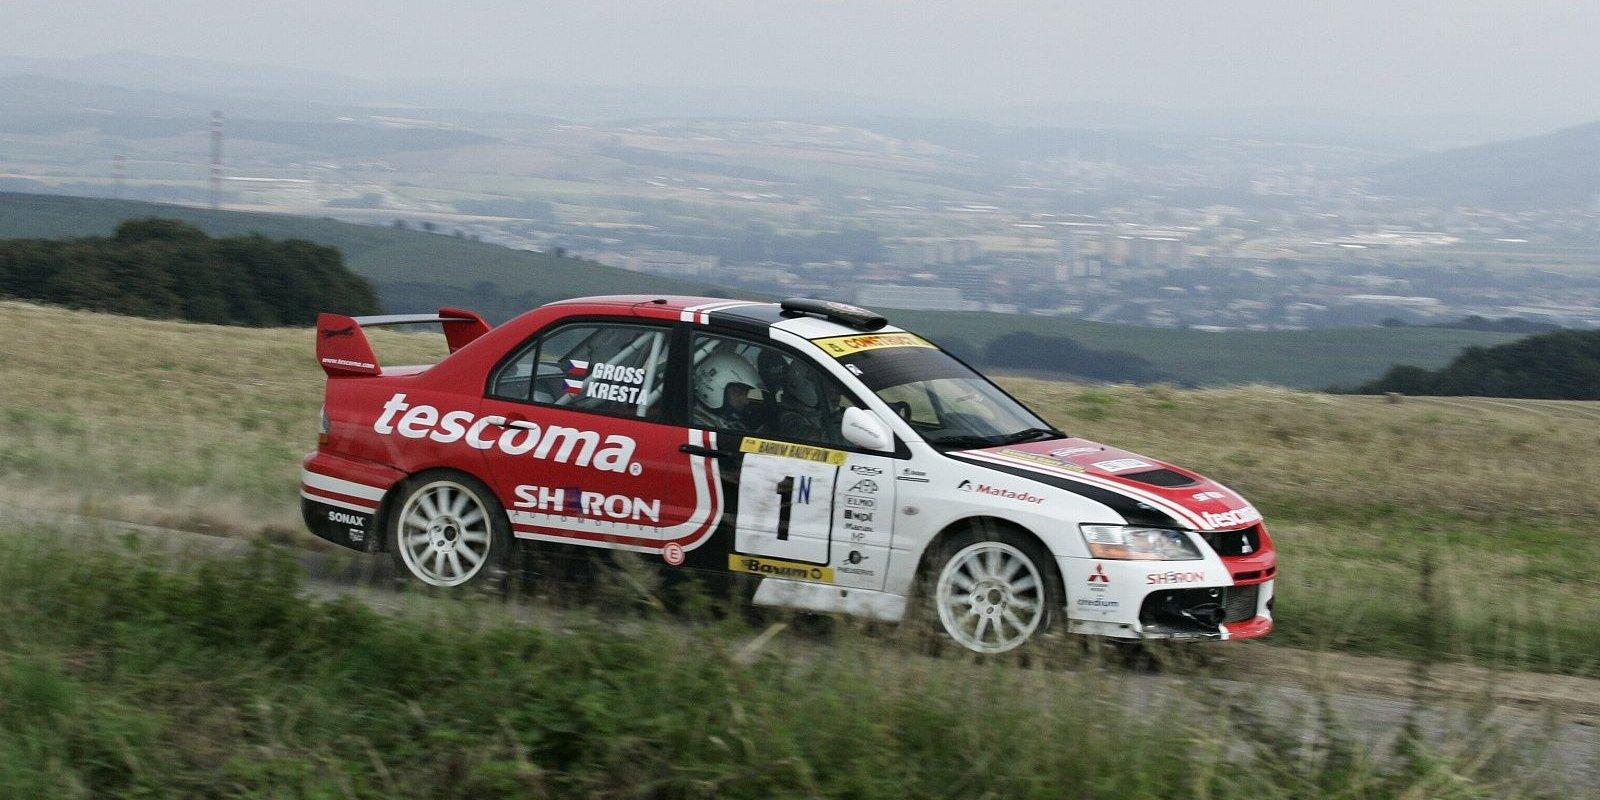 Své třetí vítězství si Roman Kresta užil v prémiovém startu v produkčním voze Mitsubishi.